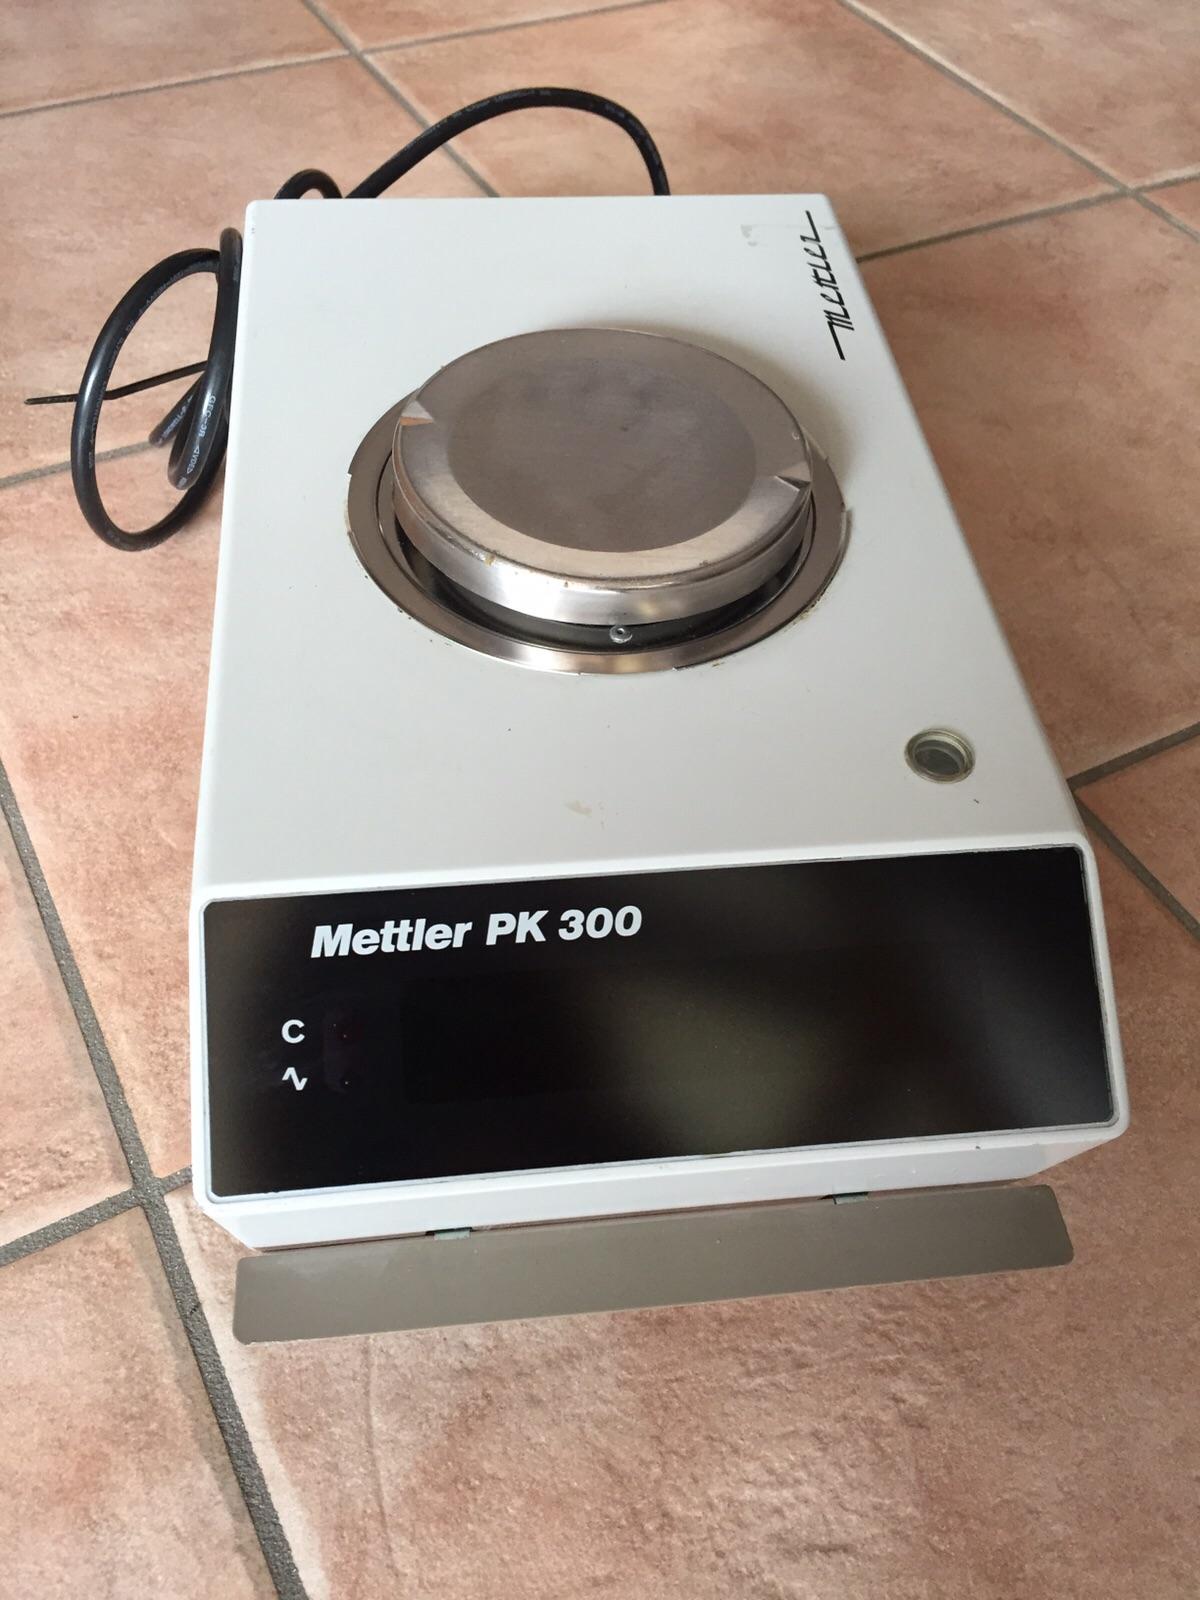 BILANCIA DA BANCO METTLER – MOD. PK300 (BIL-35) in vendita - foto 1